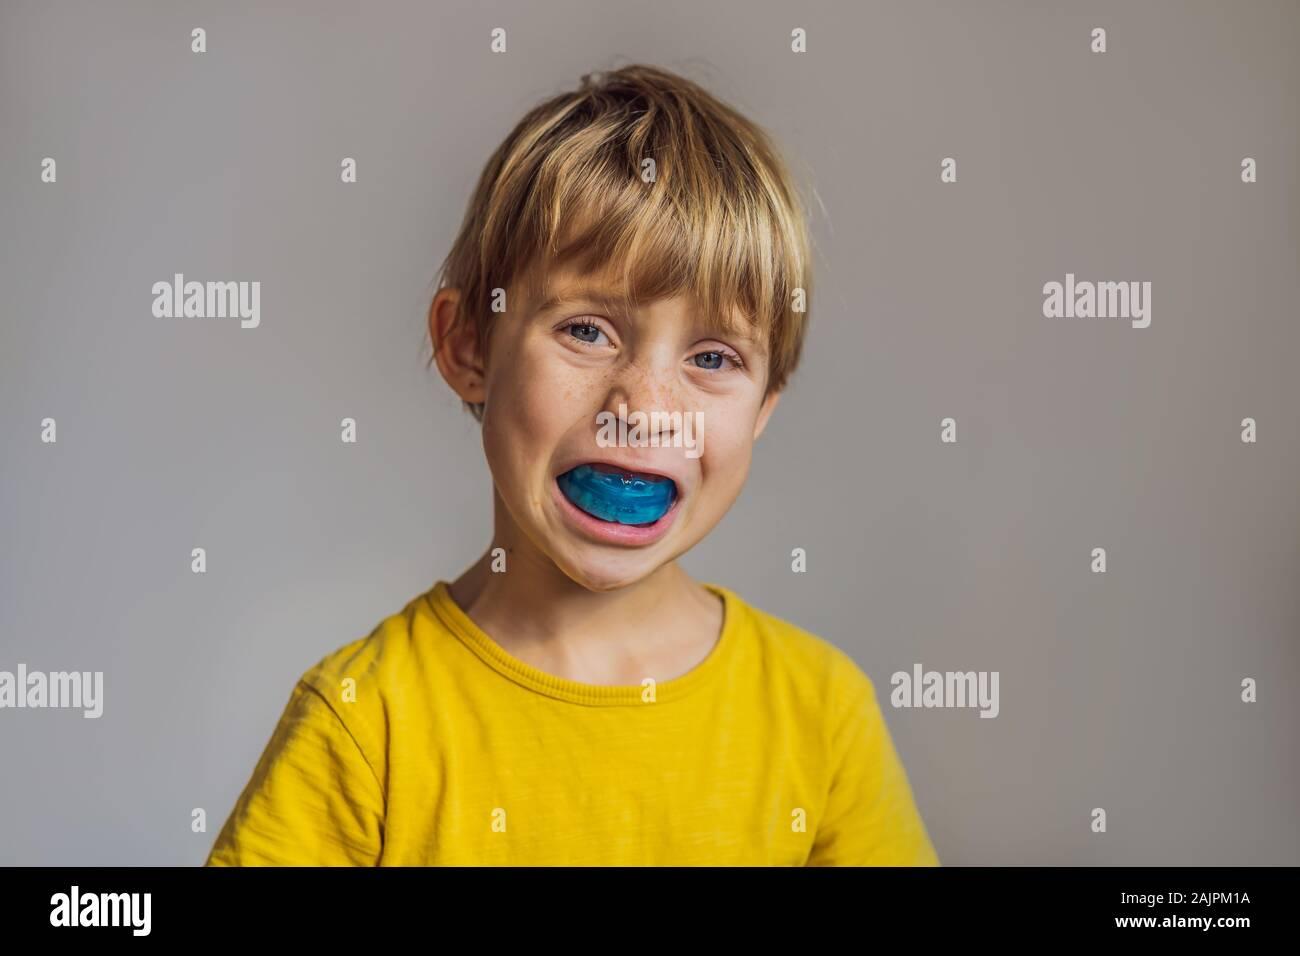 Niño de seis años muestra myofunctional formador. Ayuda a equilibrar el crecimiento de los dientes y corregir la mordida, desarrollar el hábito de respiración bucal. Corrige la posición Foto de stock